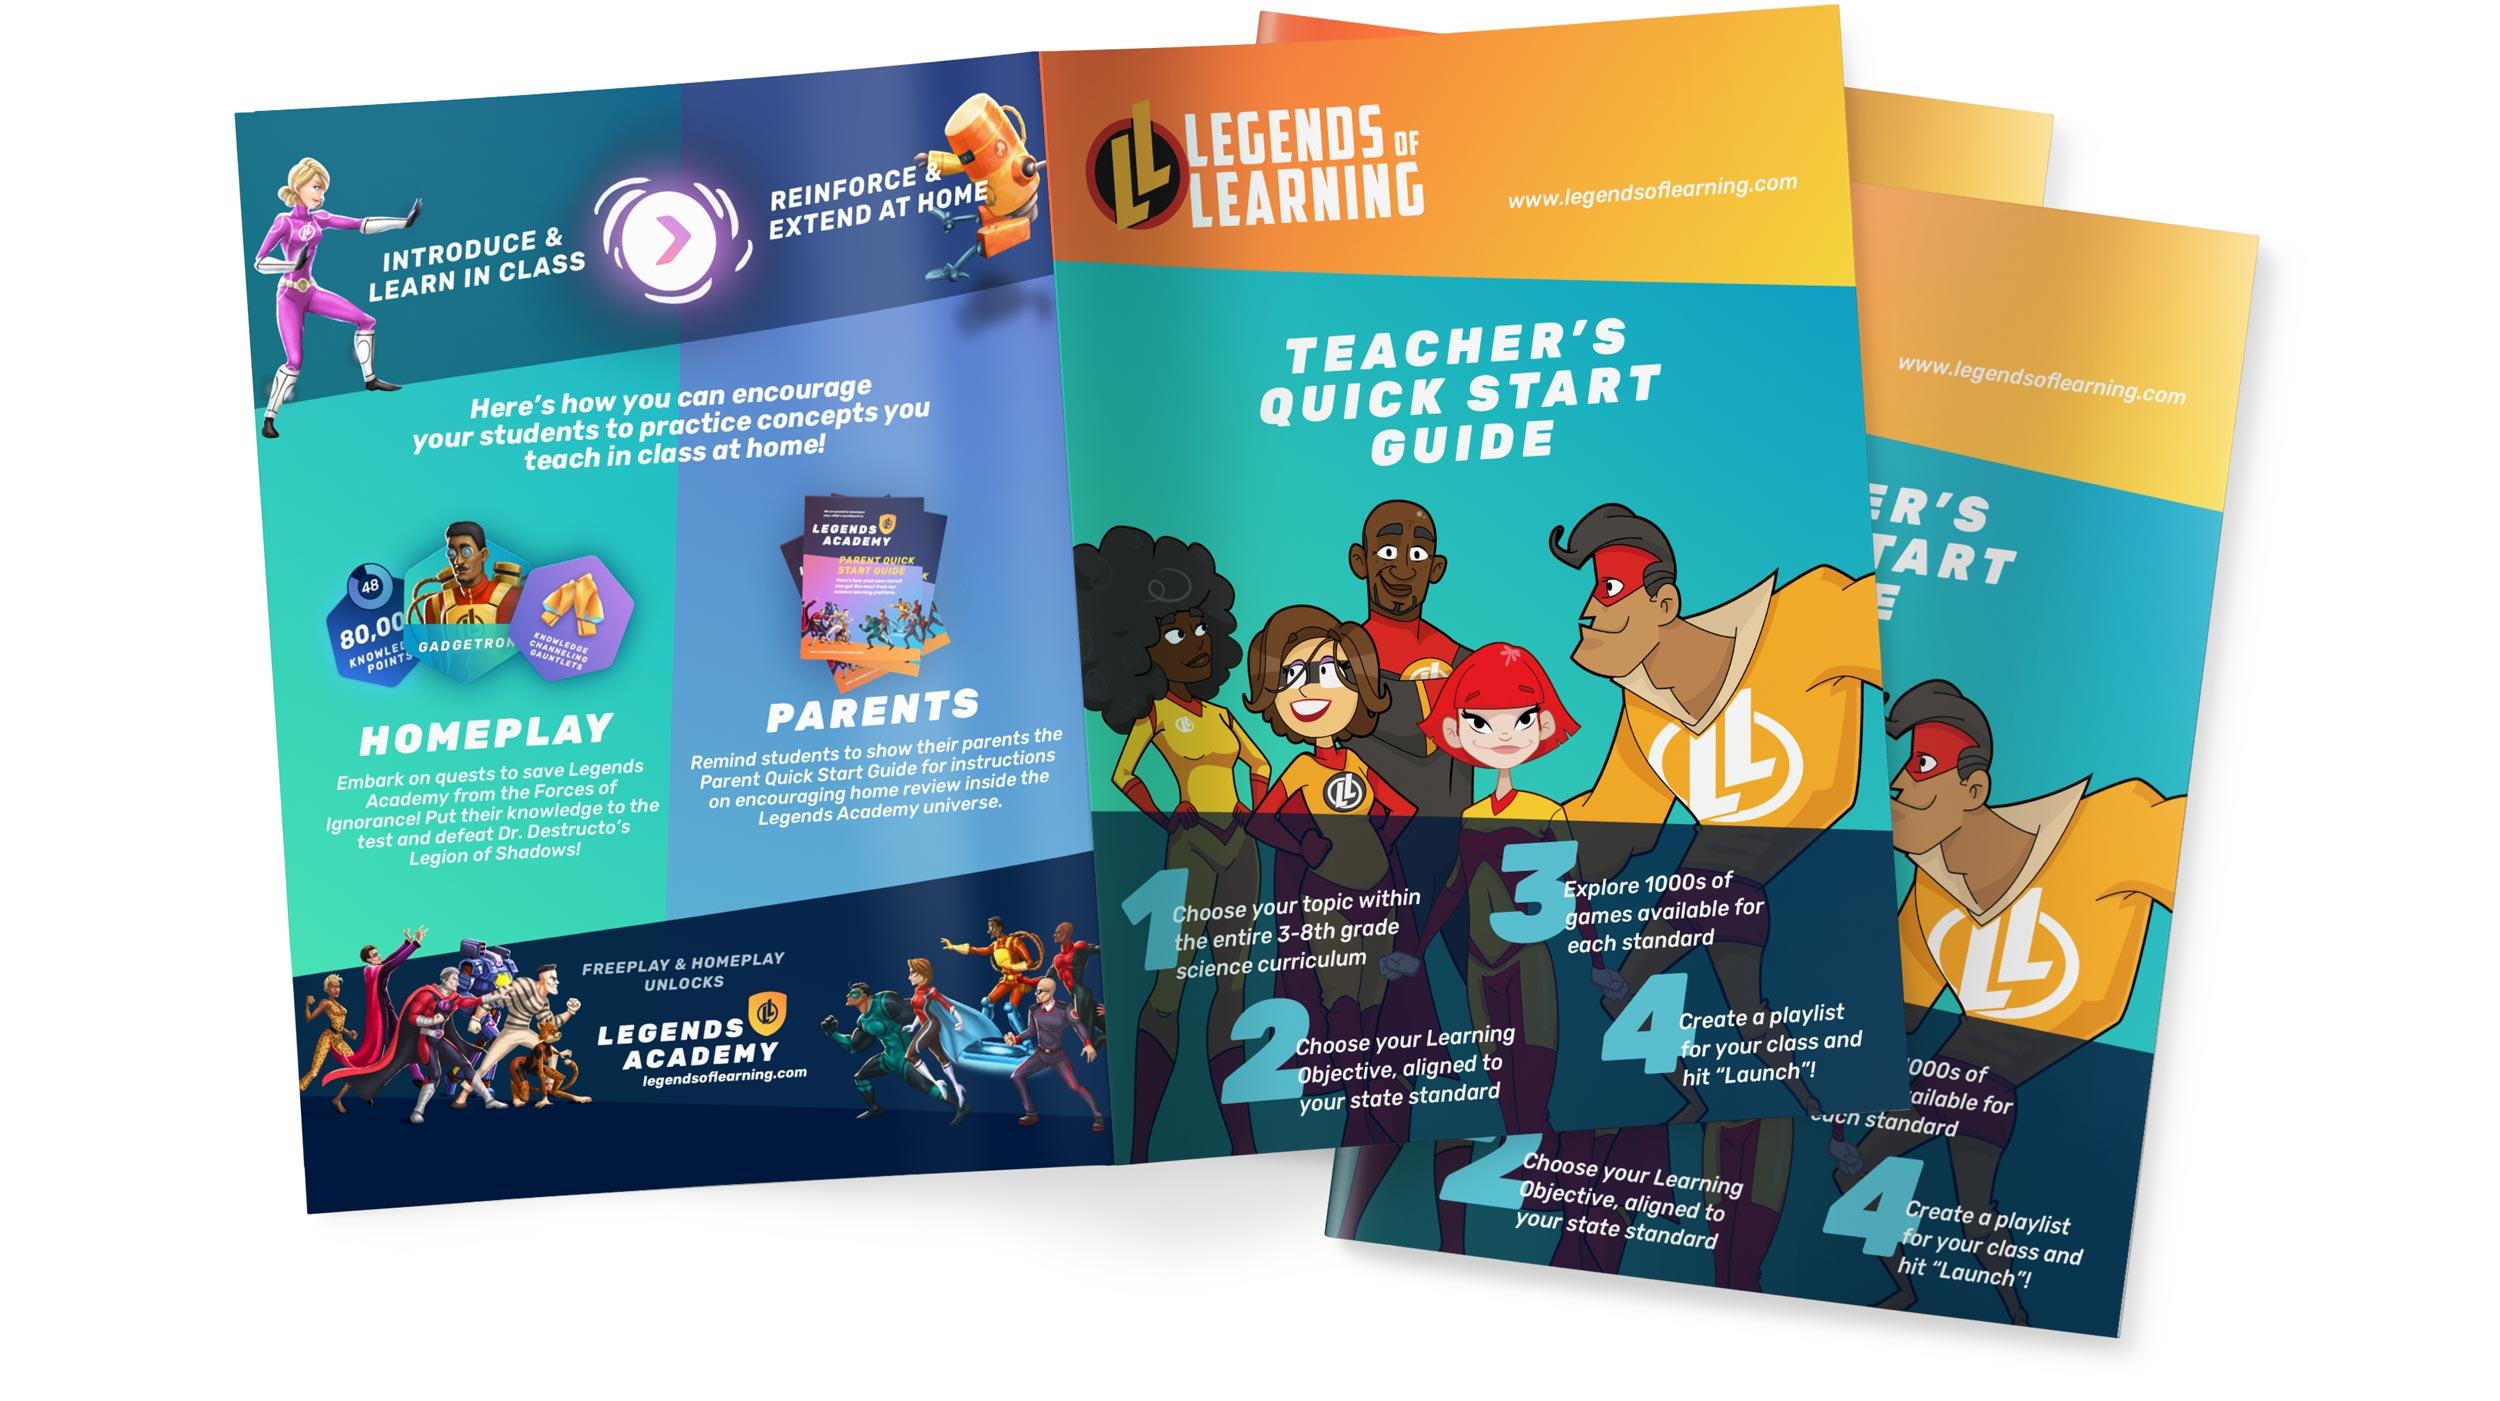 meng-he-legendsoflearning-teacherbrochure2